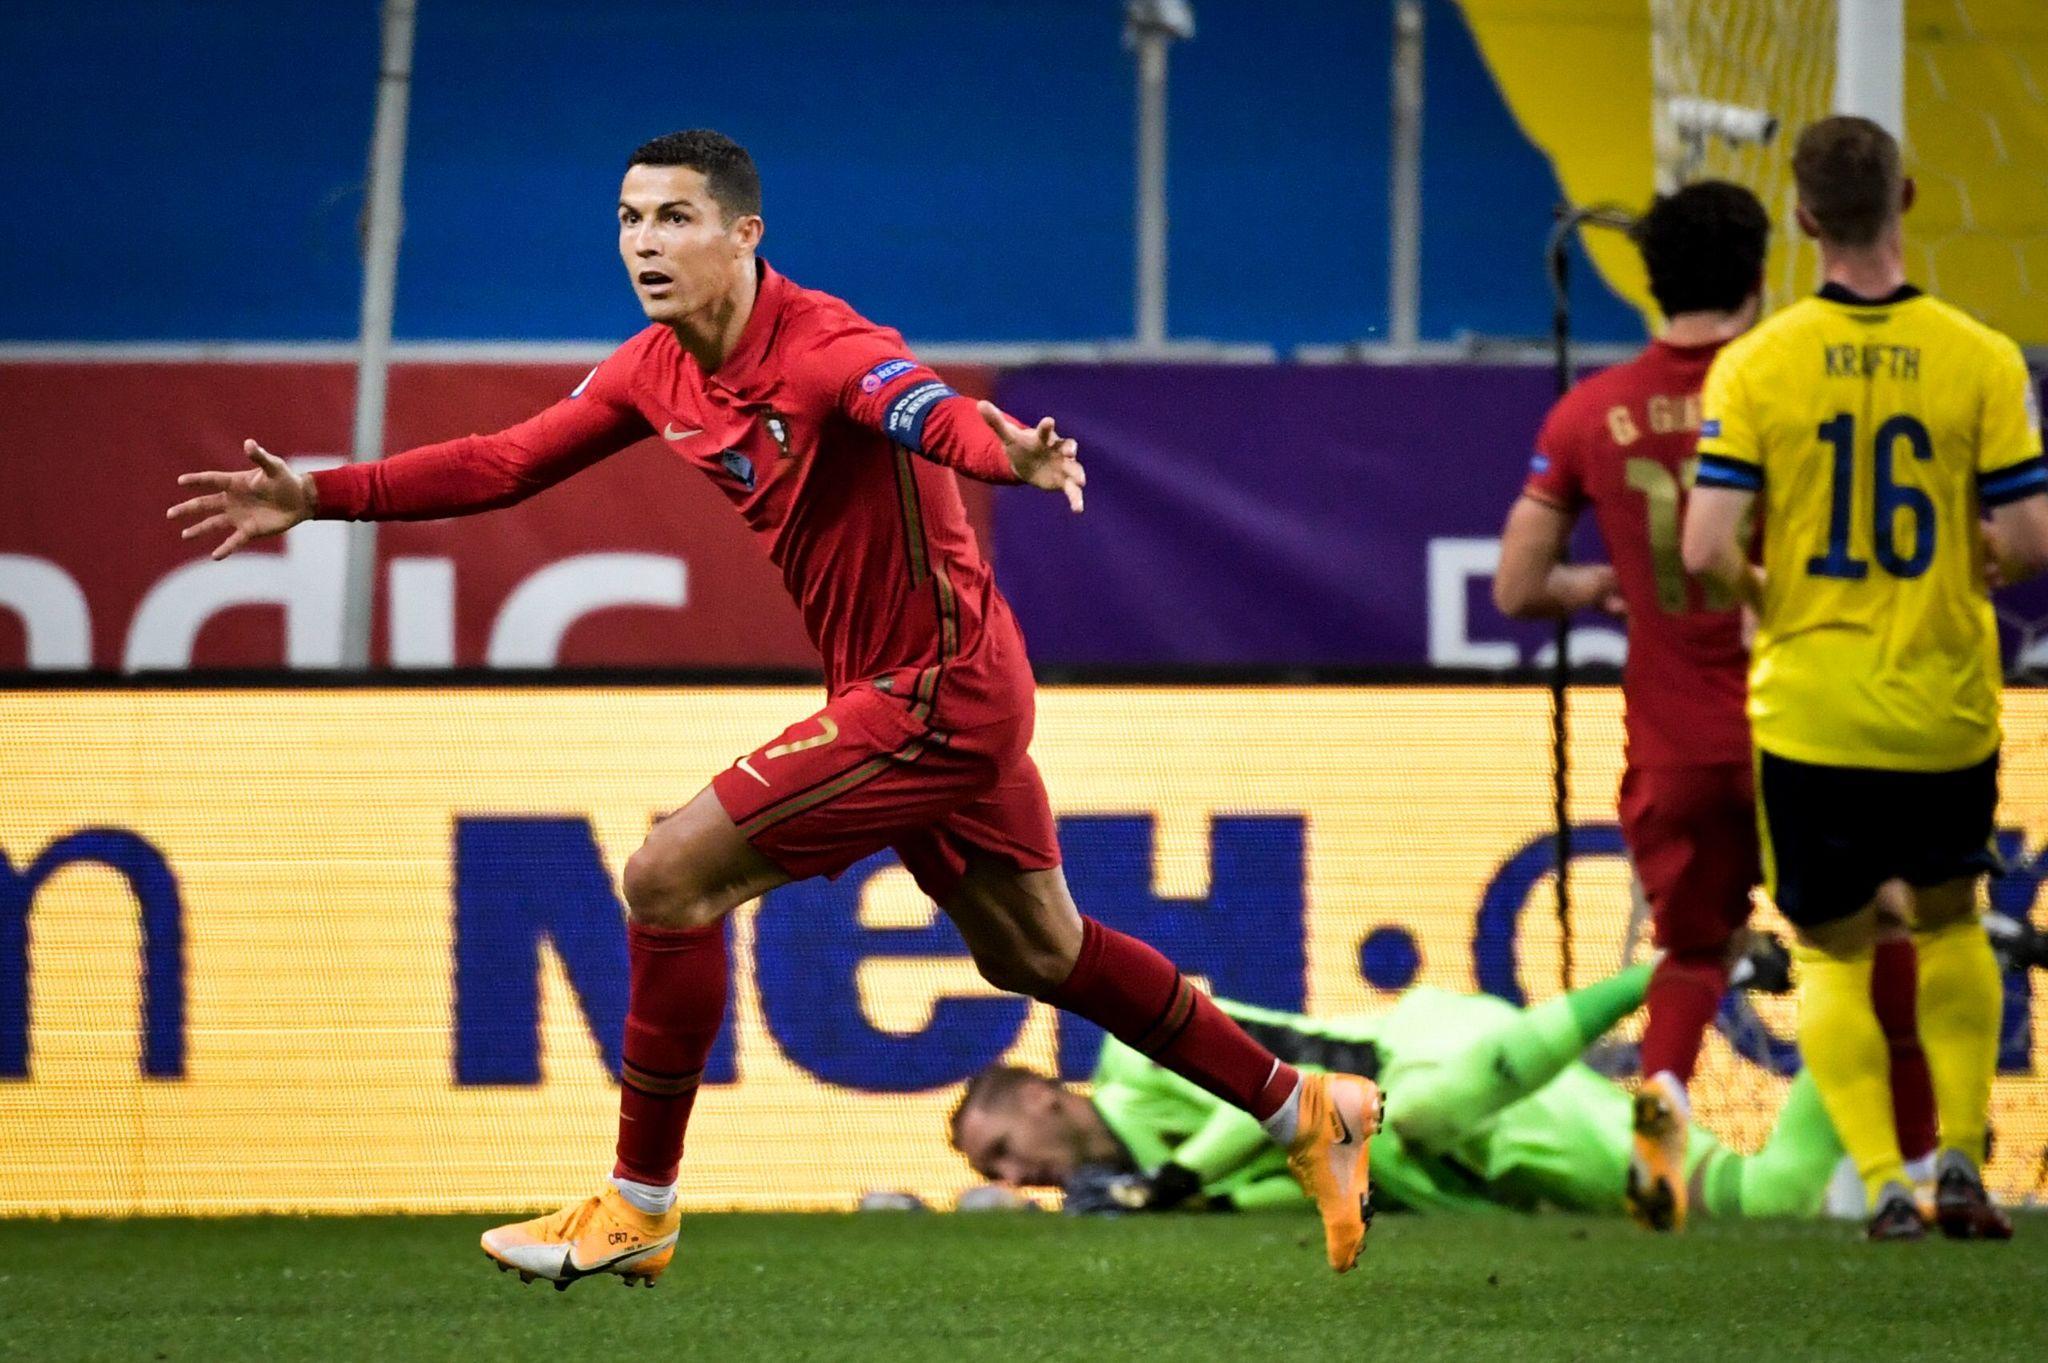 Exhibición rematadora de Cristiano, que alcanza los 101 goles con Portugal